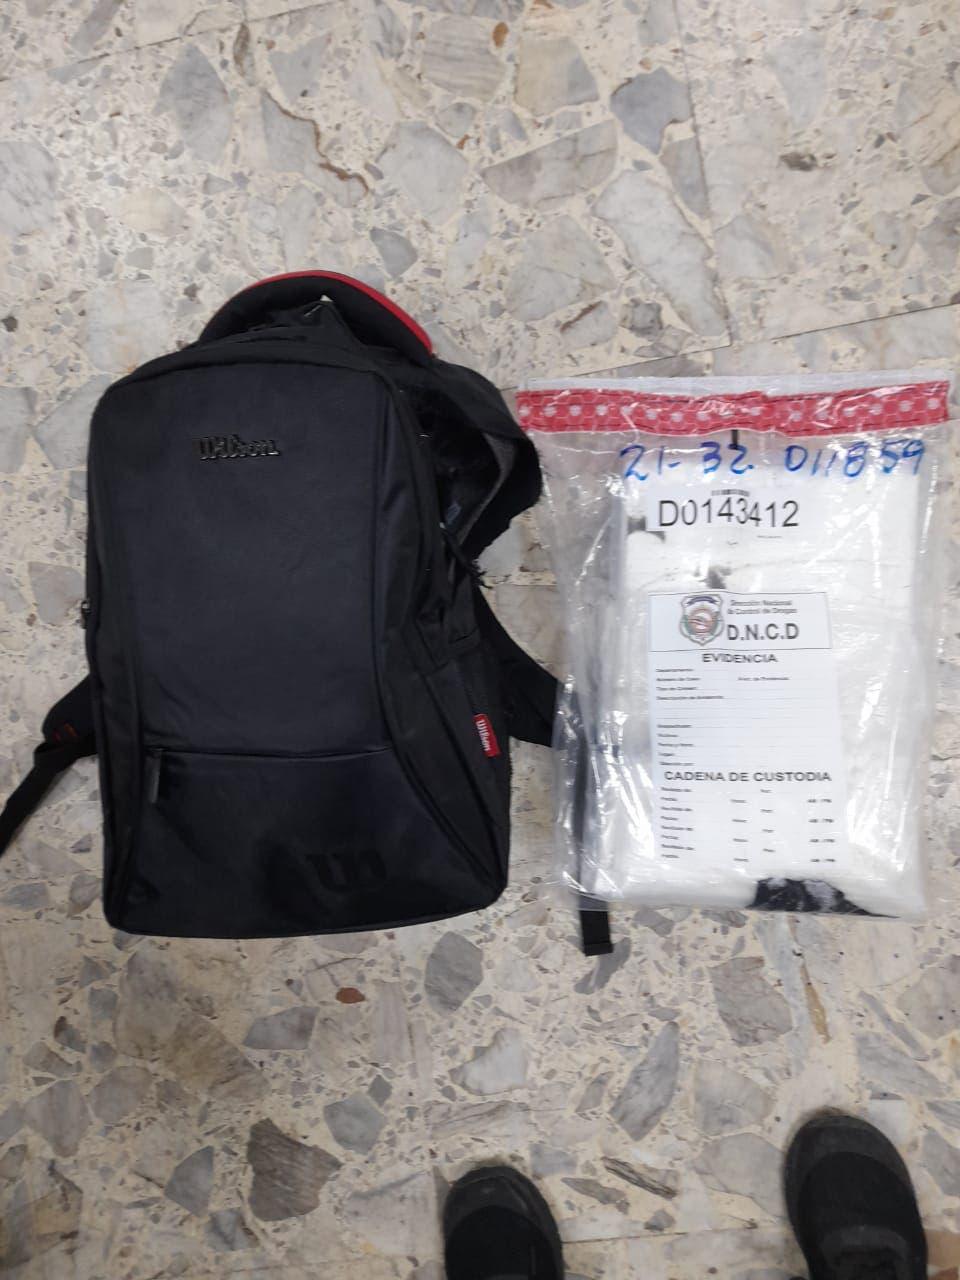 AILA: Joven llevaba más de tres kilos de cocaína en mochila